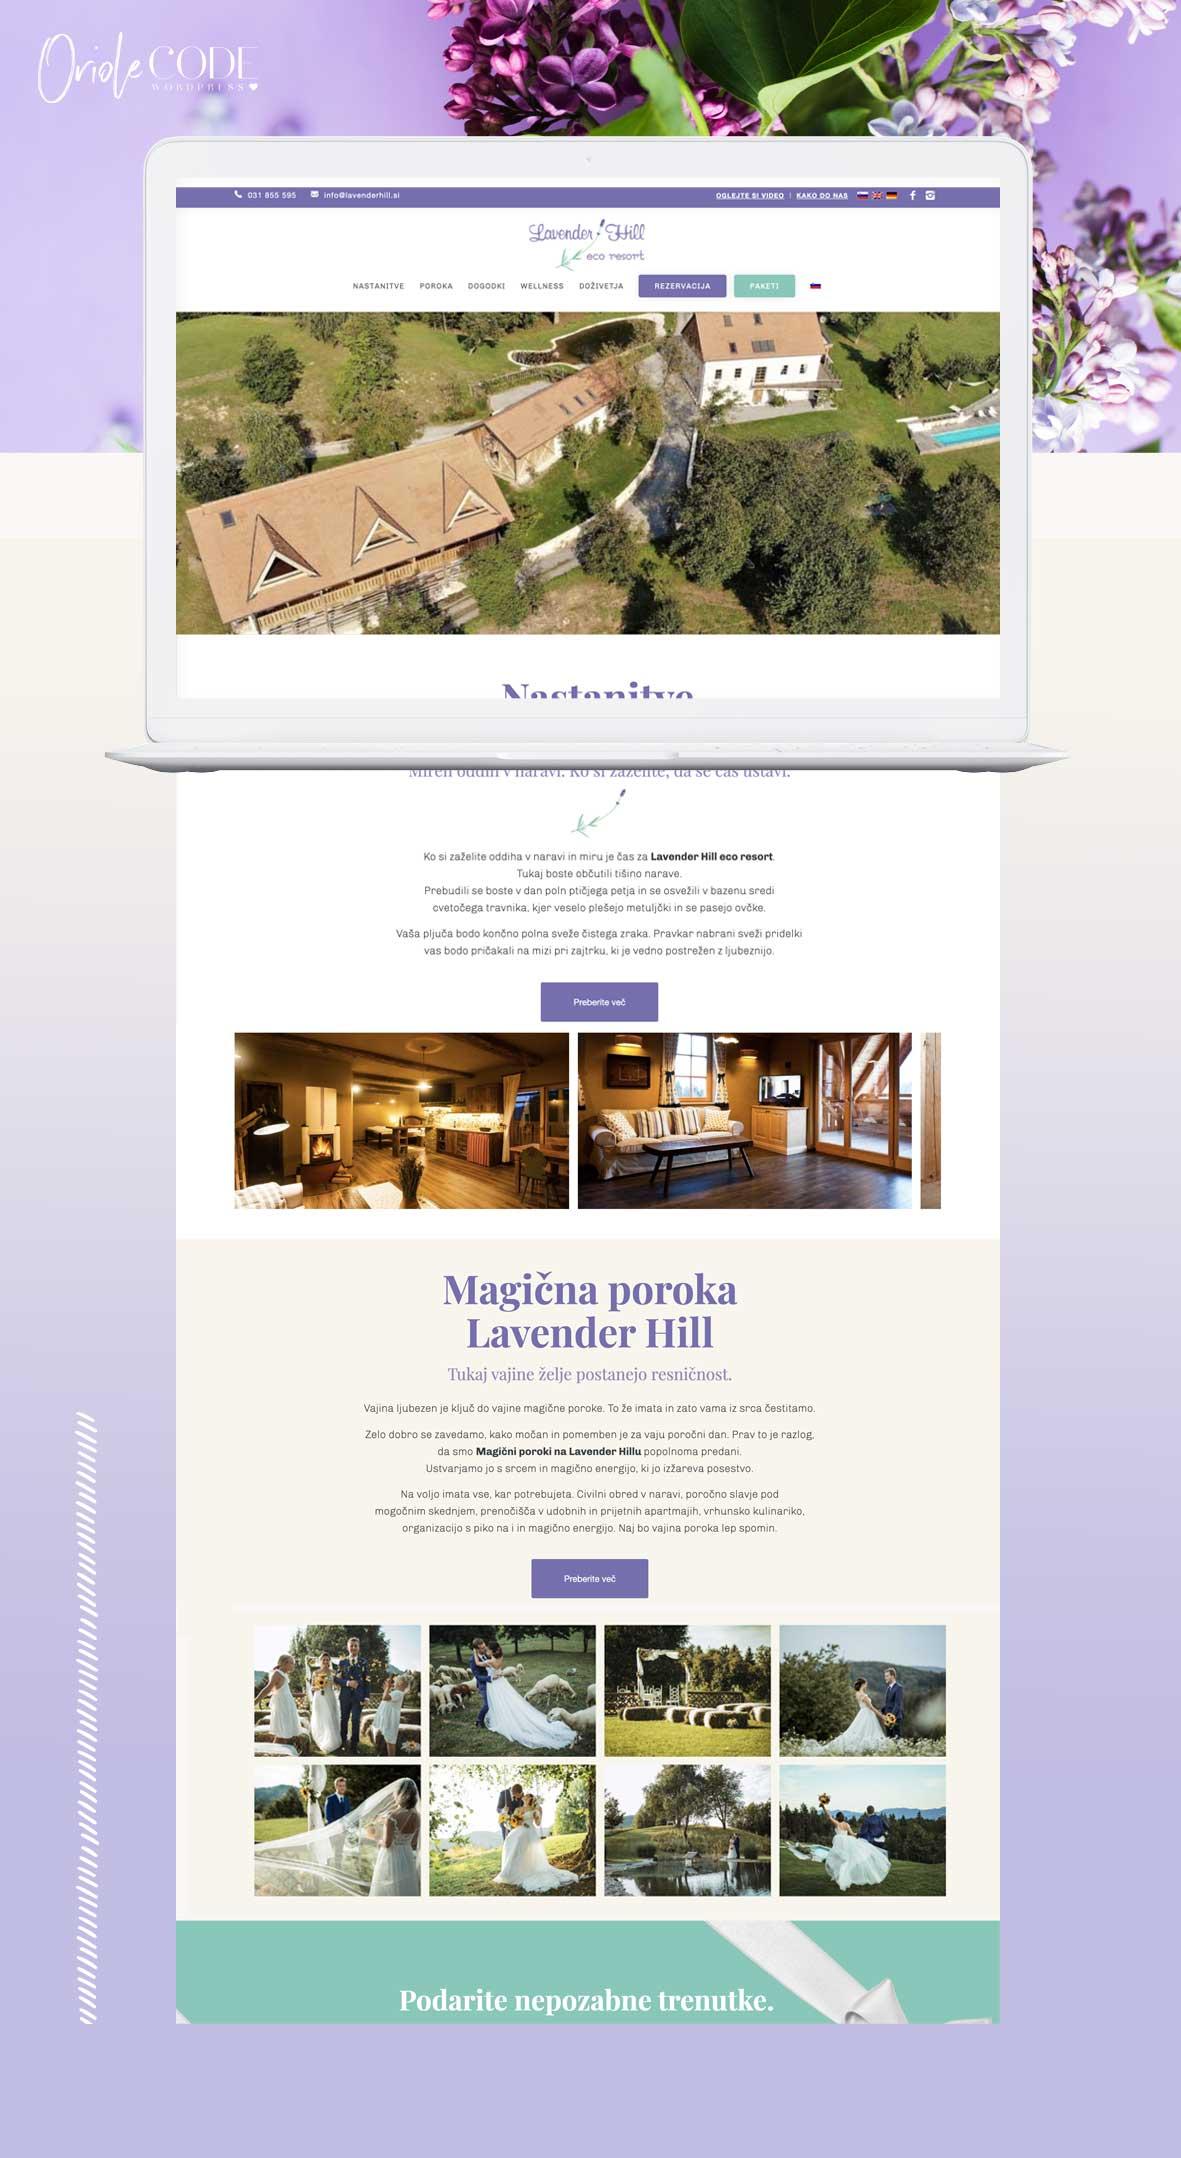 Lavender Hill - Oriole Code projekt